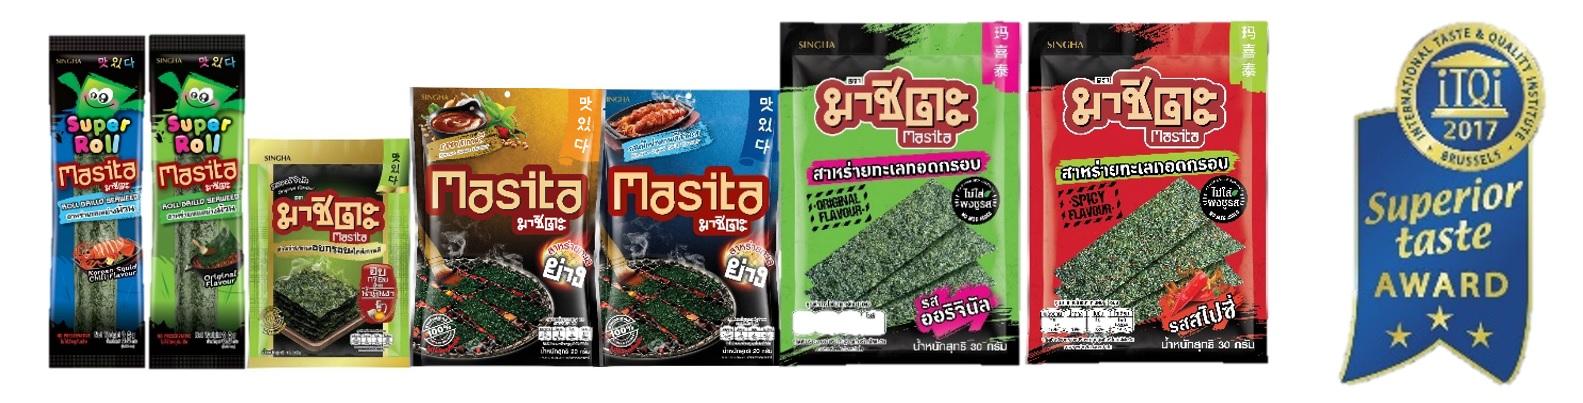 """""""天才枪手"""" 也爱吃好吃健康的玛喜泰海苔Masita"""